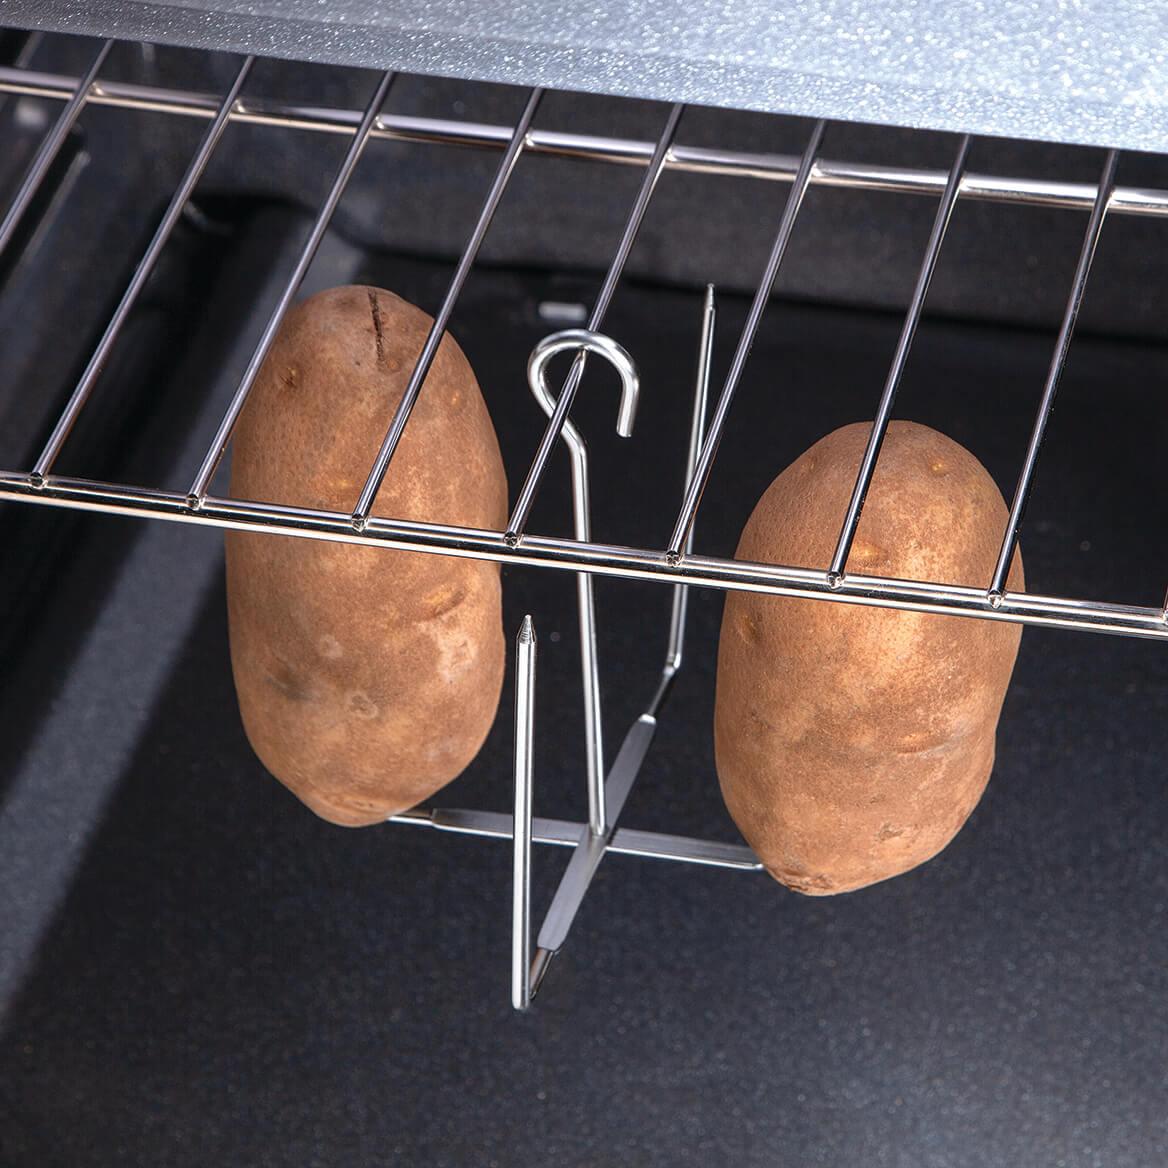 Stainless Steel Hanging Potato Baker-371392